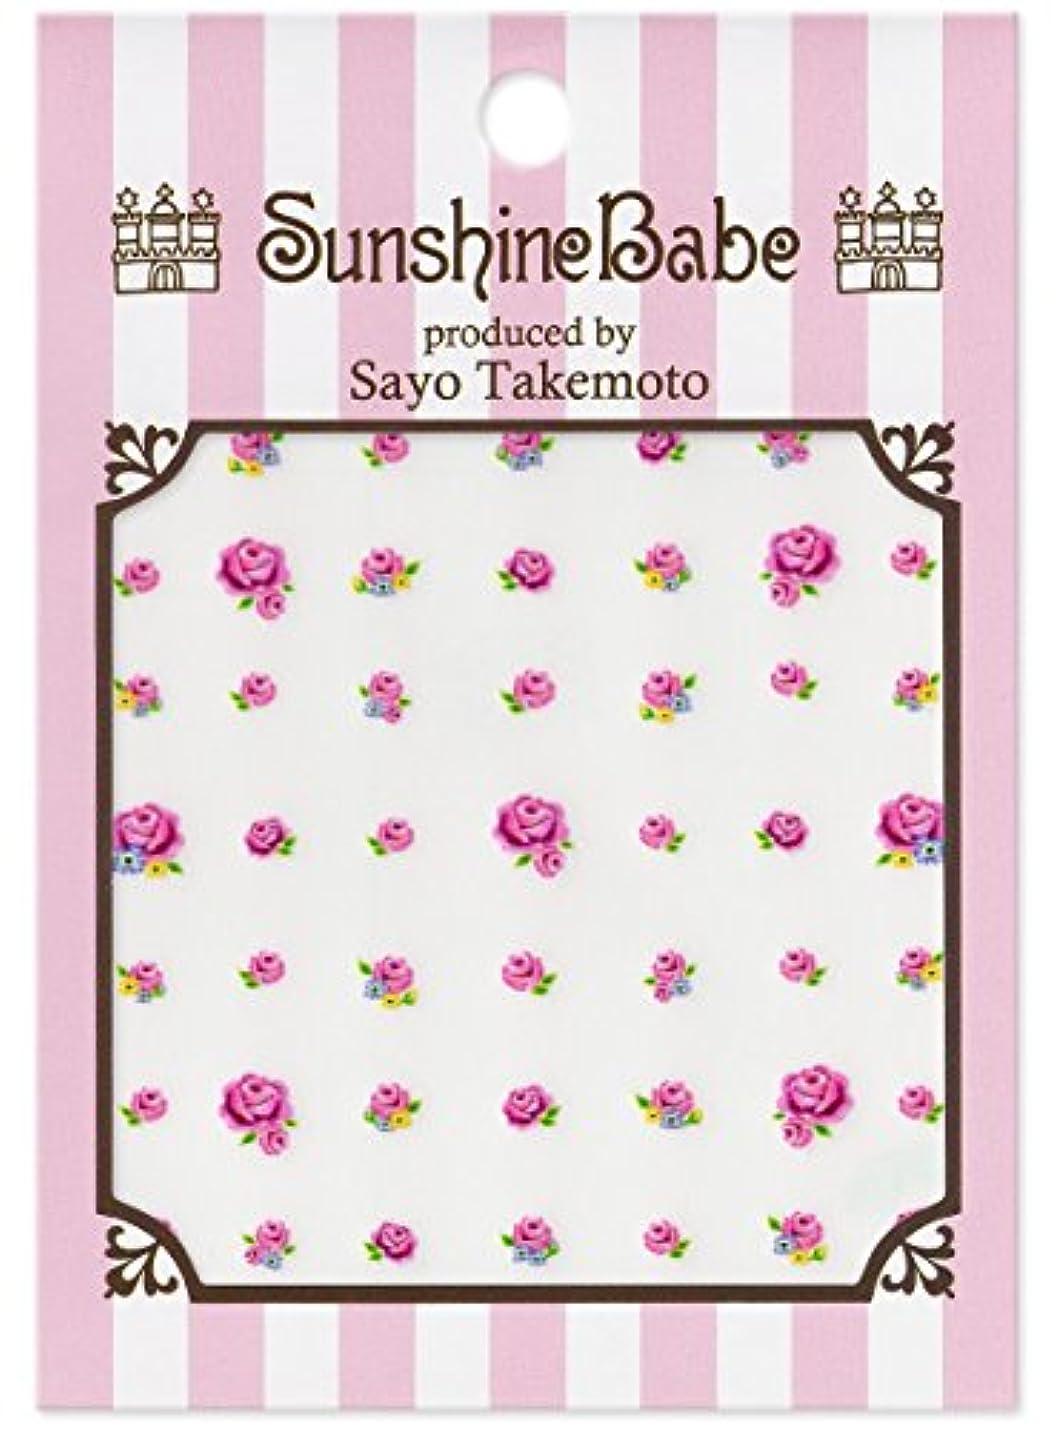 ショートカット間違いつらいサンシャインベビー ジェルネイル  ネイルシール Sayo Style ローズ ピンク